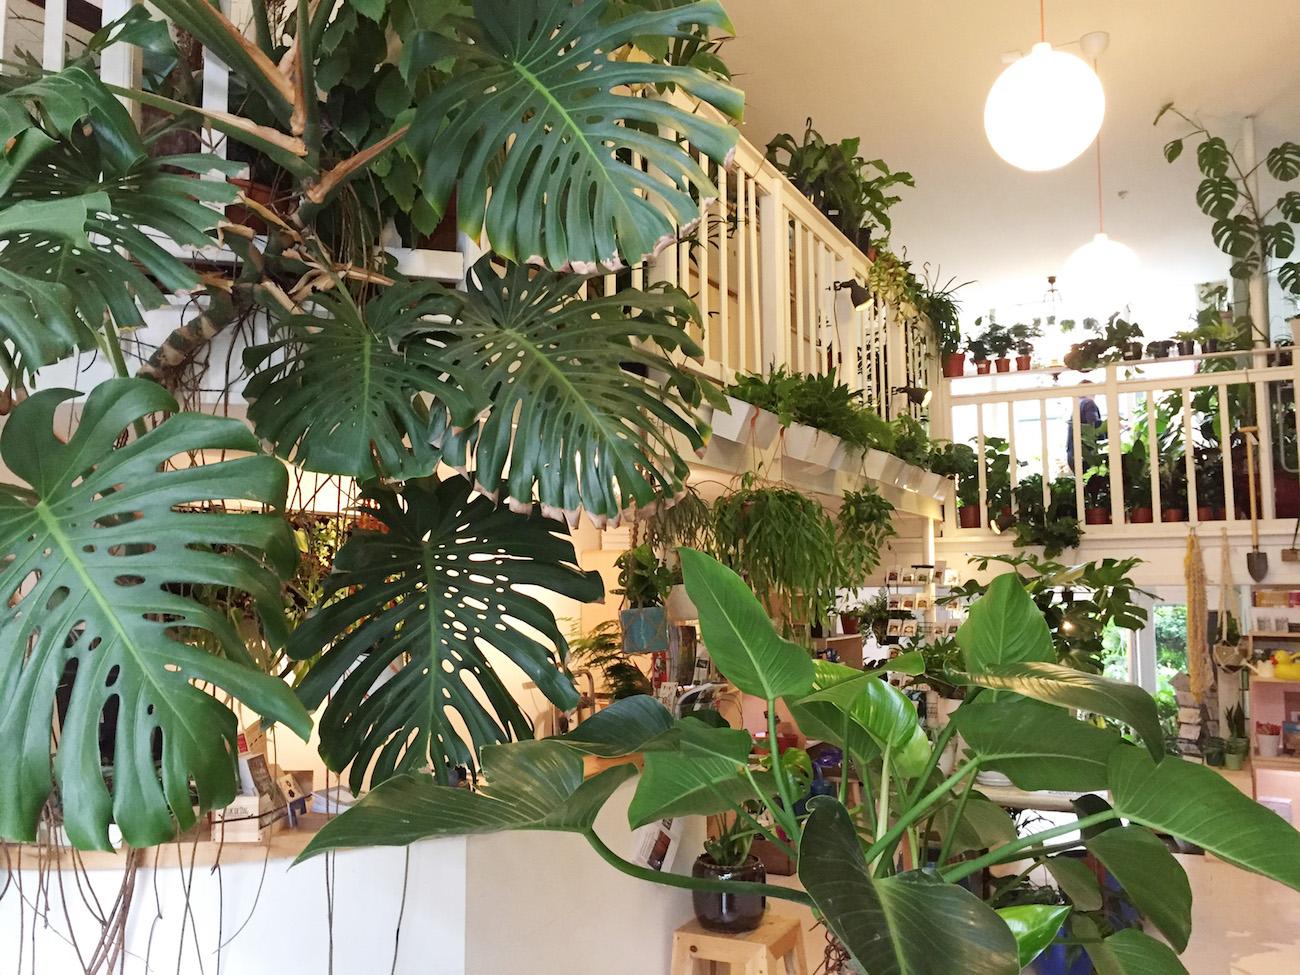 Rottrdam-Pflanzenstore-Steg